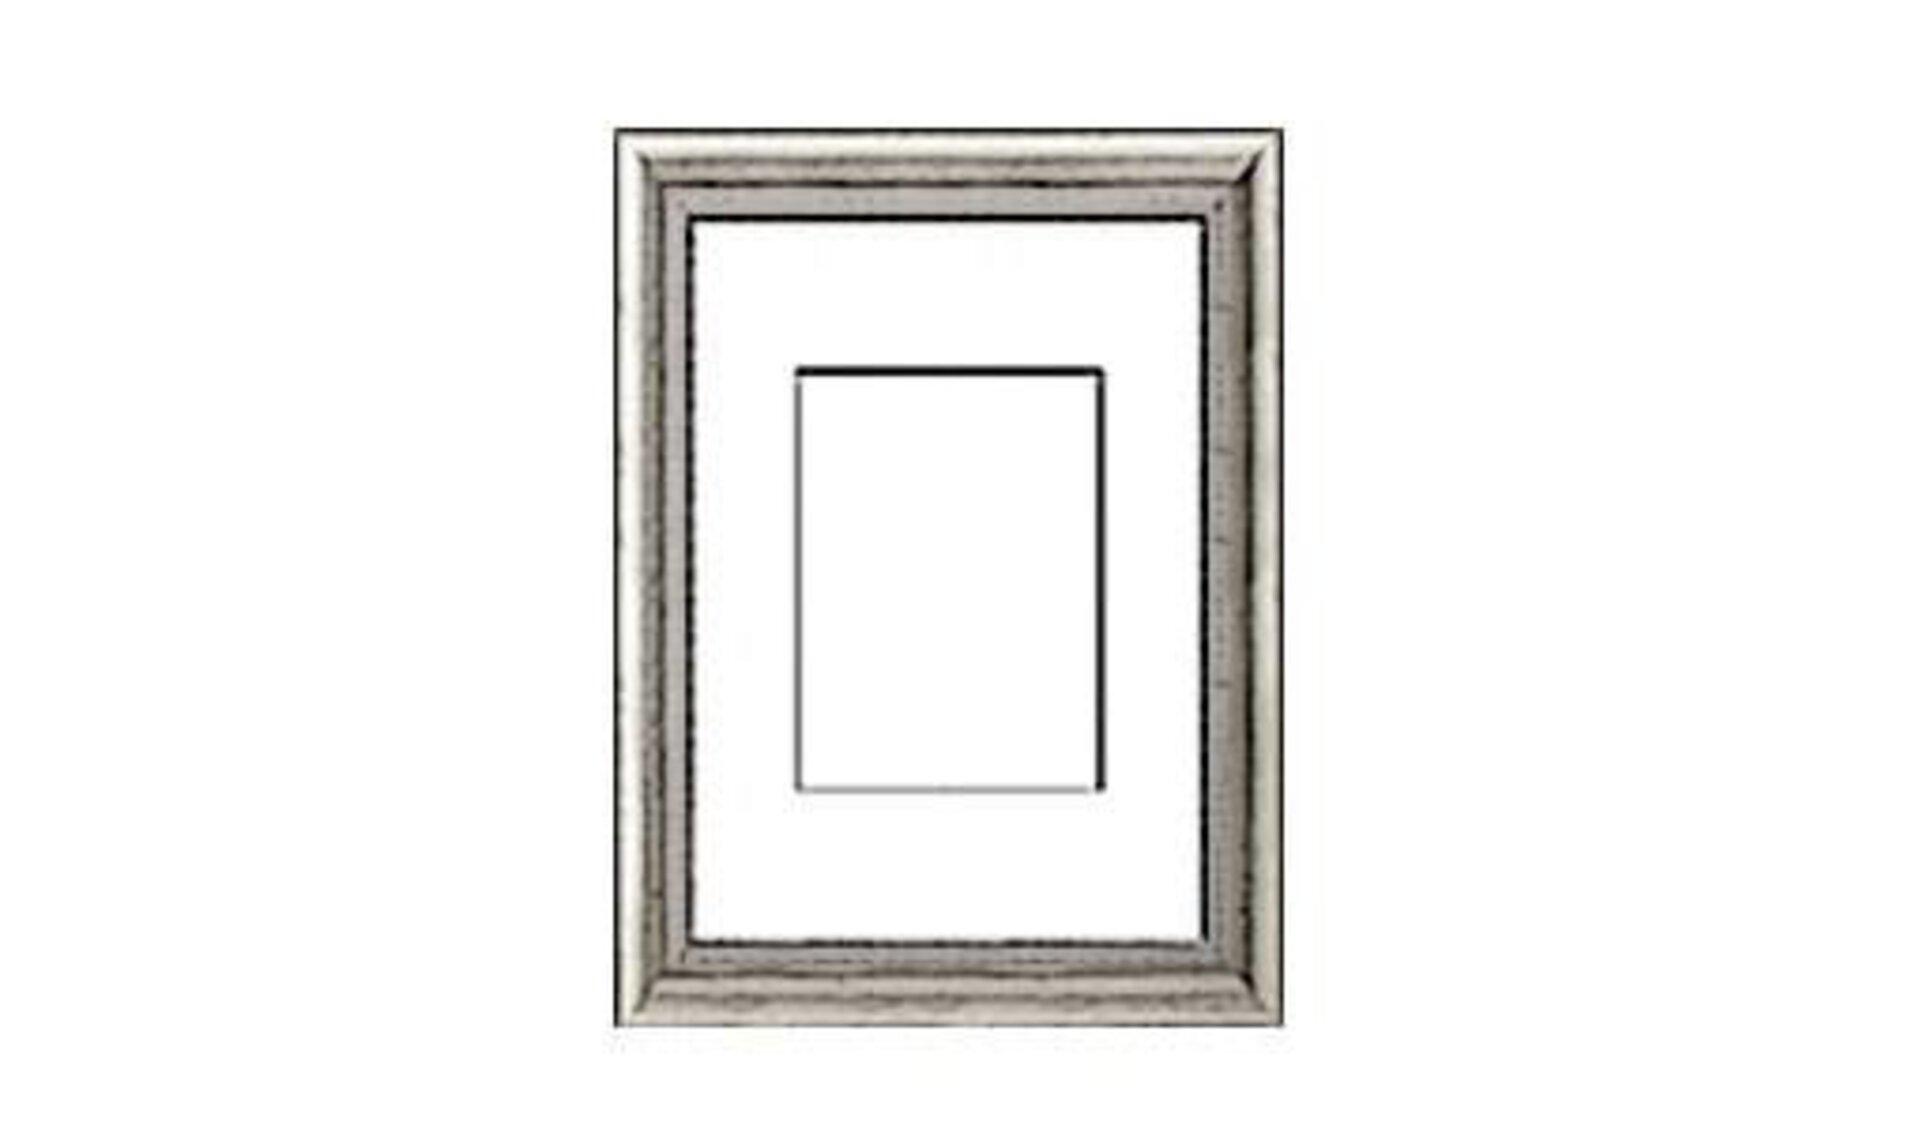 Ein Bilderrahmen aus Metall mit Passepartout. In seiner stilisierten Darstellung steht der Bilderrahmen als Synonym für alle Rahmen innerhalb der Kategorie